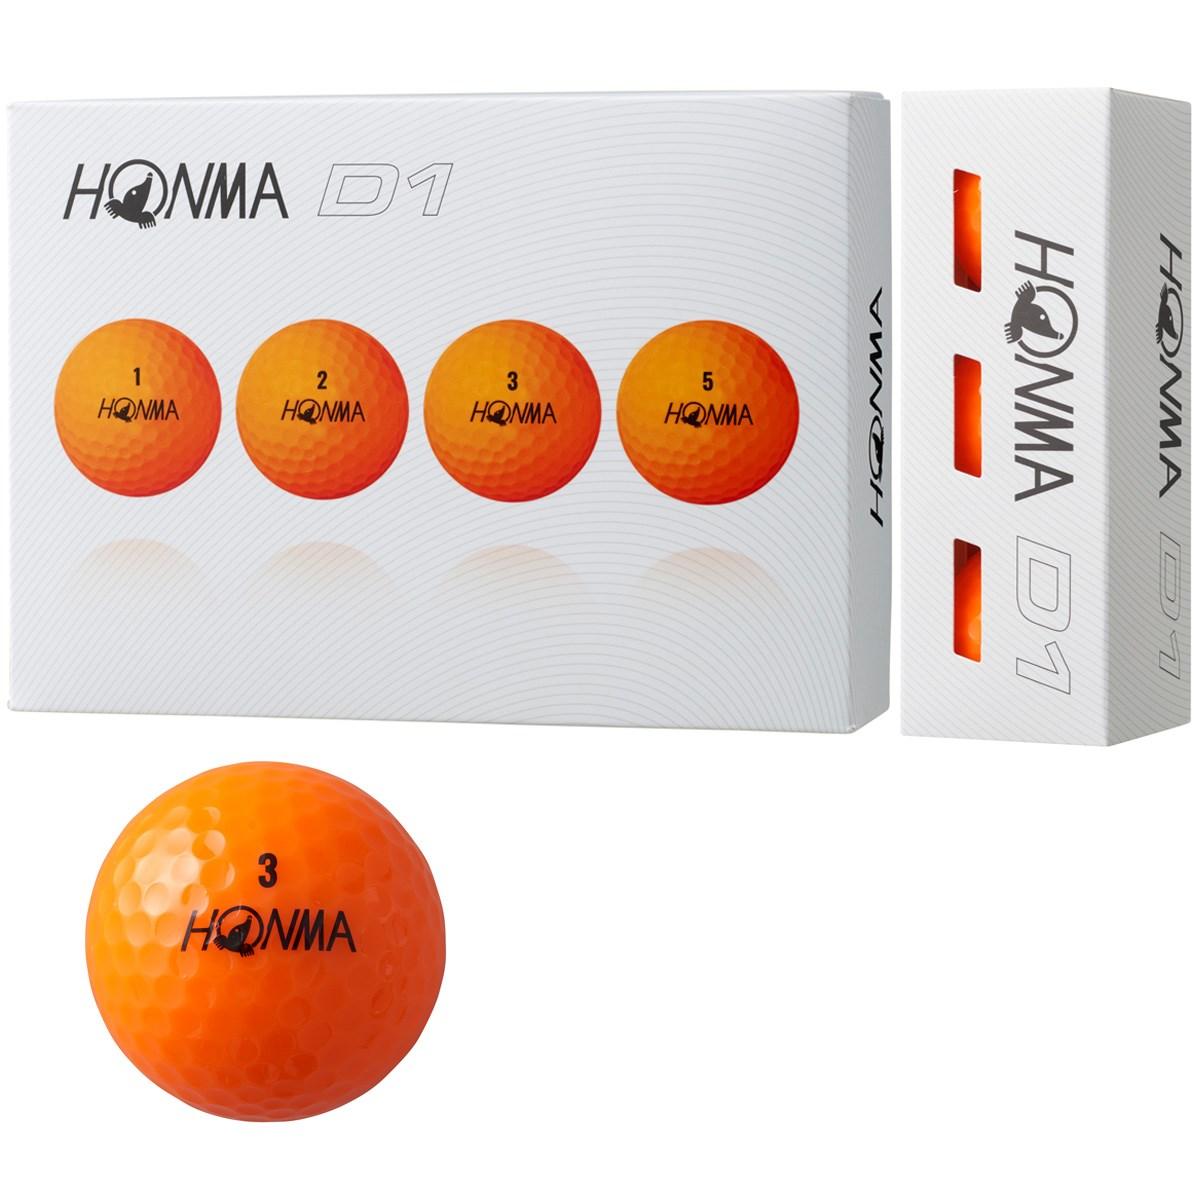 本間ゴルフ HONMA D1 ボール 2018年モデル 1ダース(12個入り) オレンジ